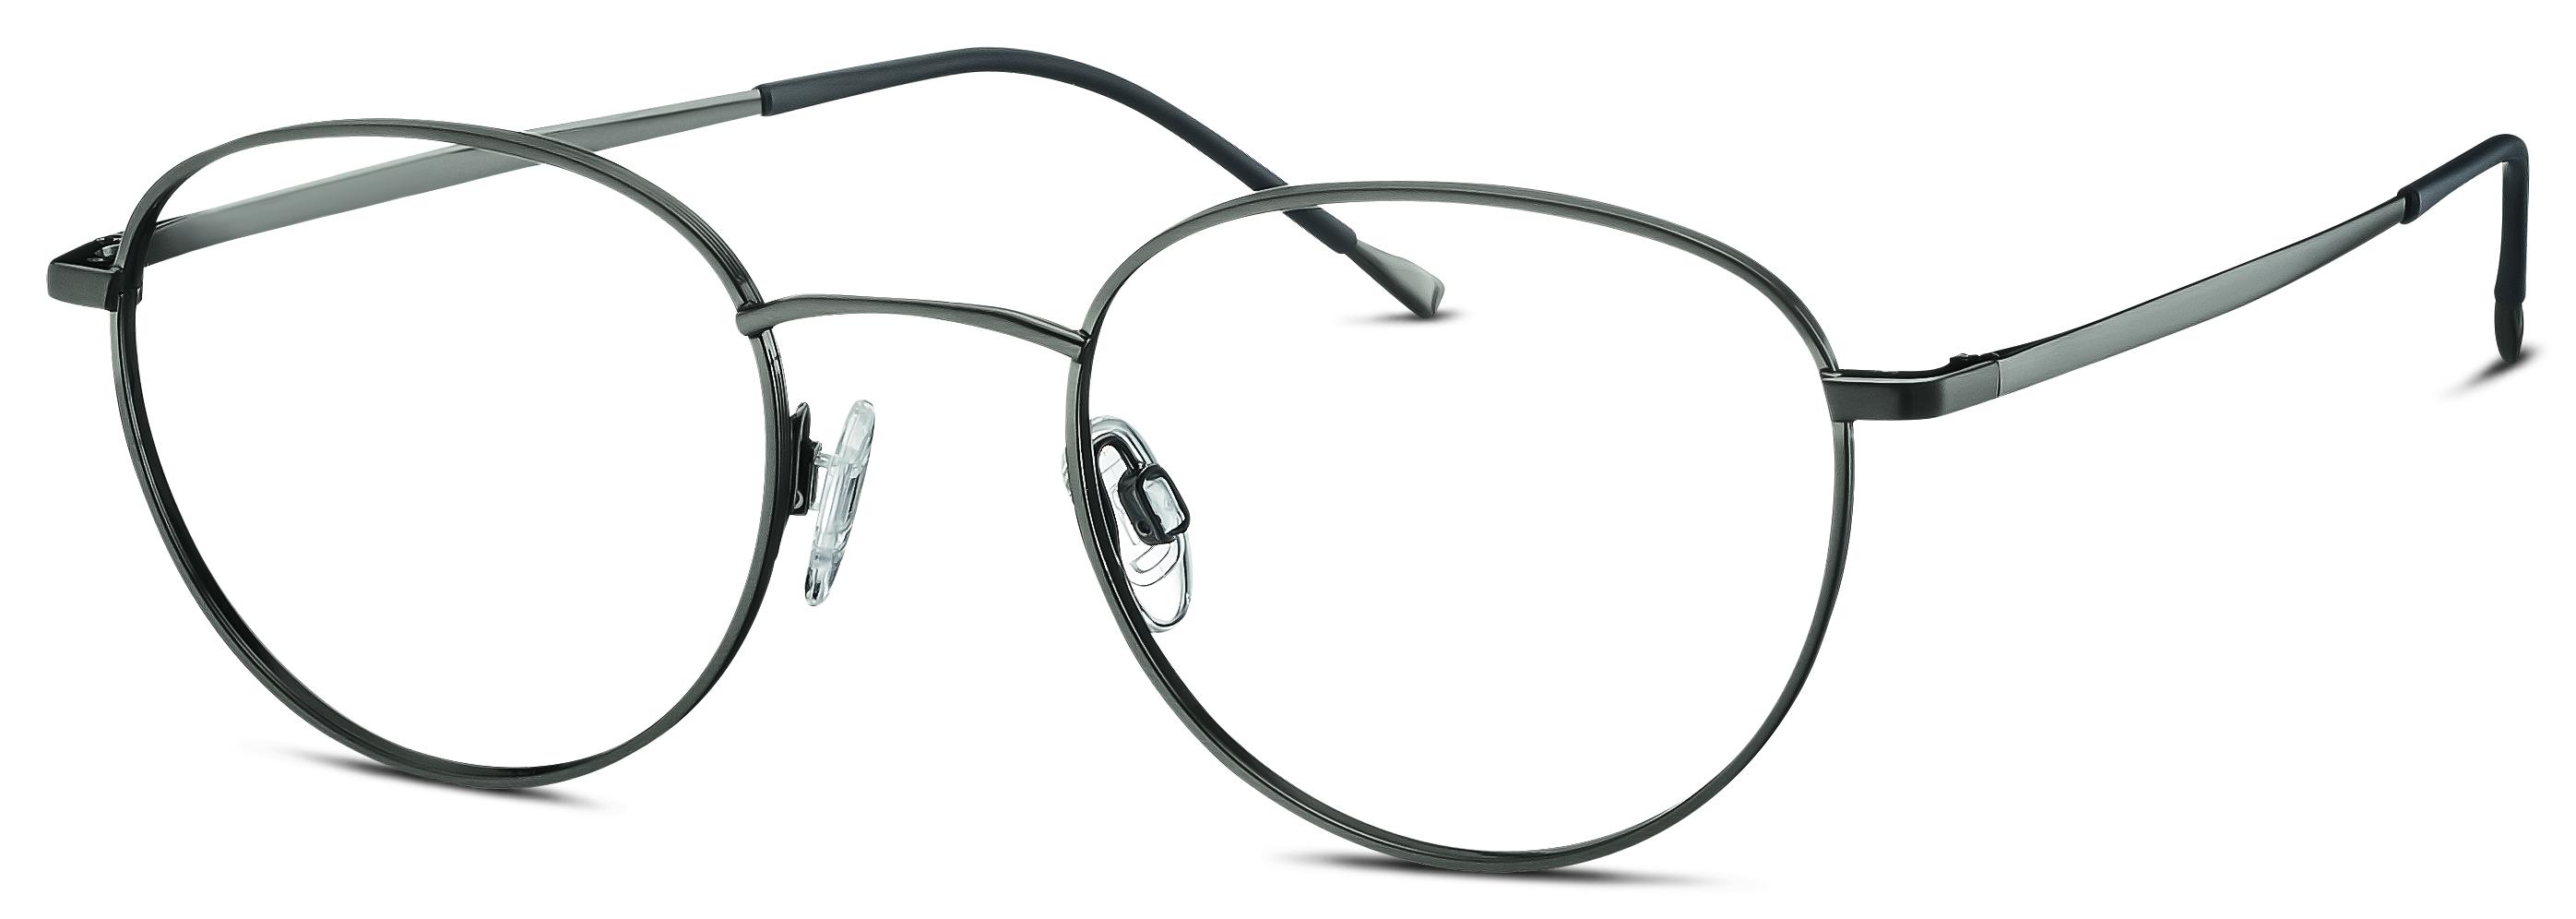 TITANflex Brille 820843 30